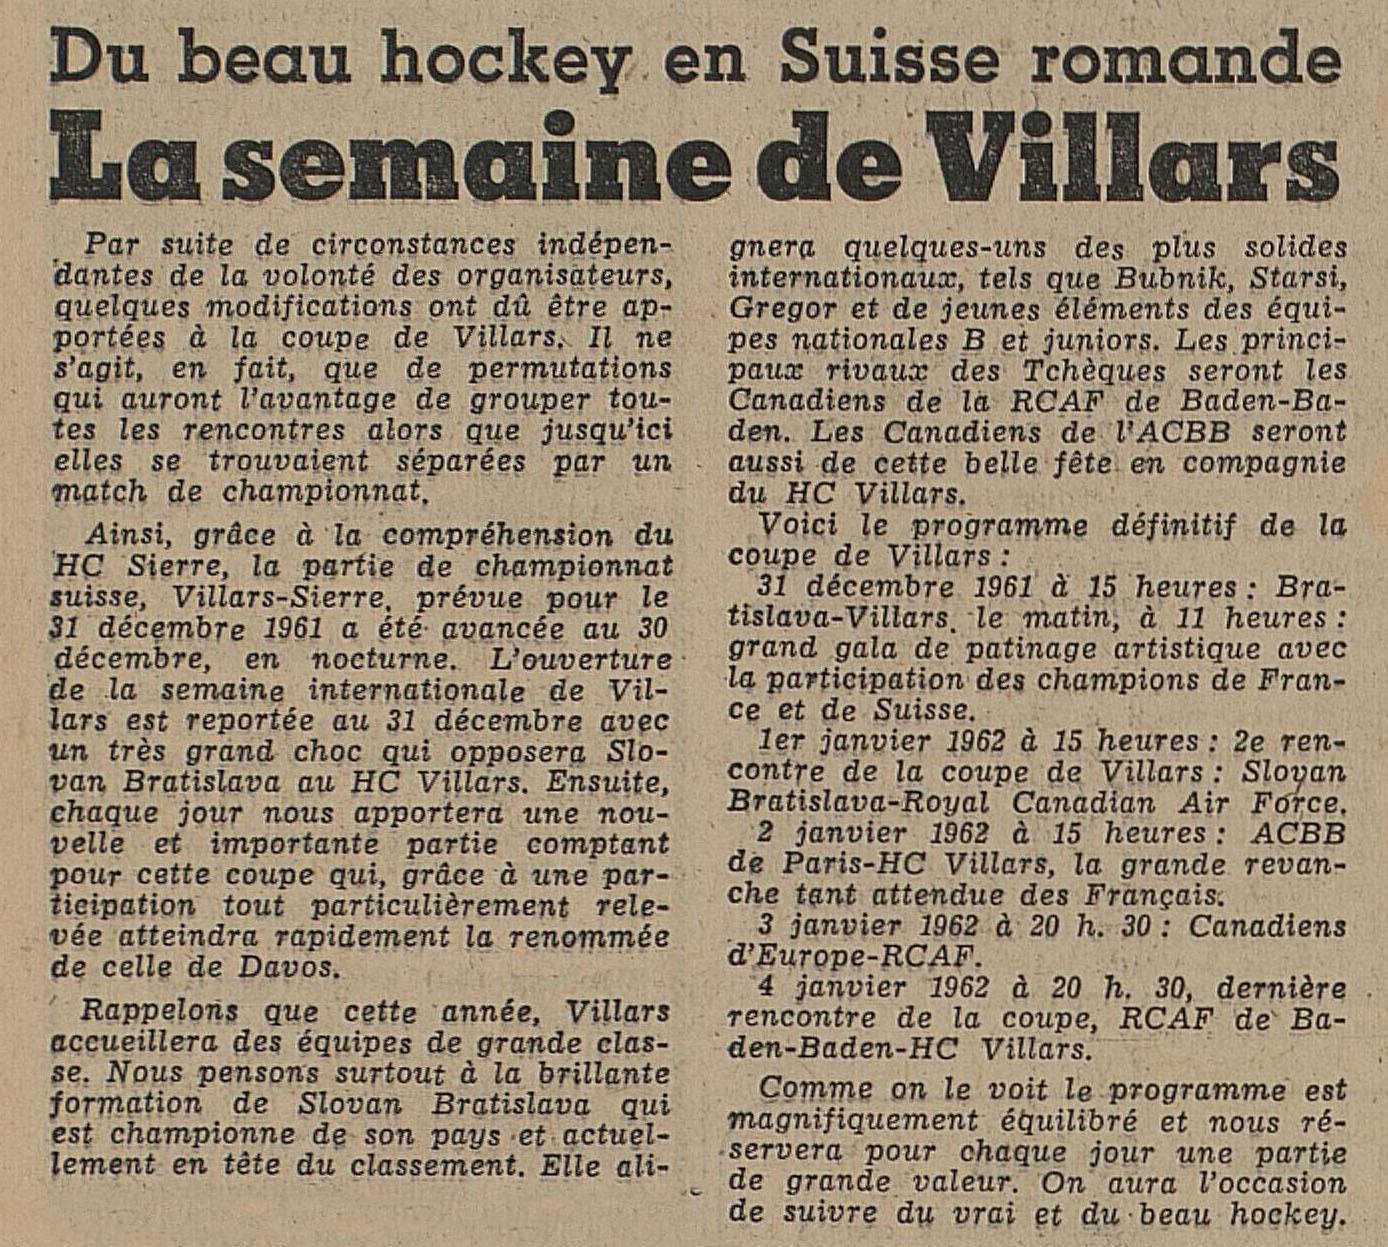 Le Matin - Tribune de Lausanne_19611229_h4u2ex.jpg